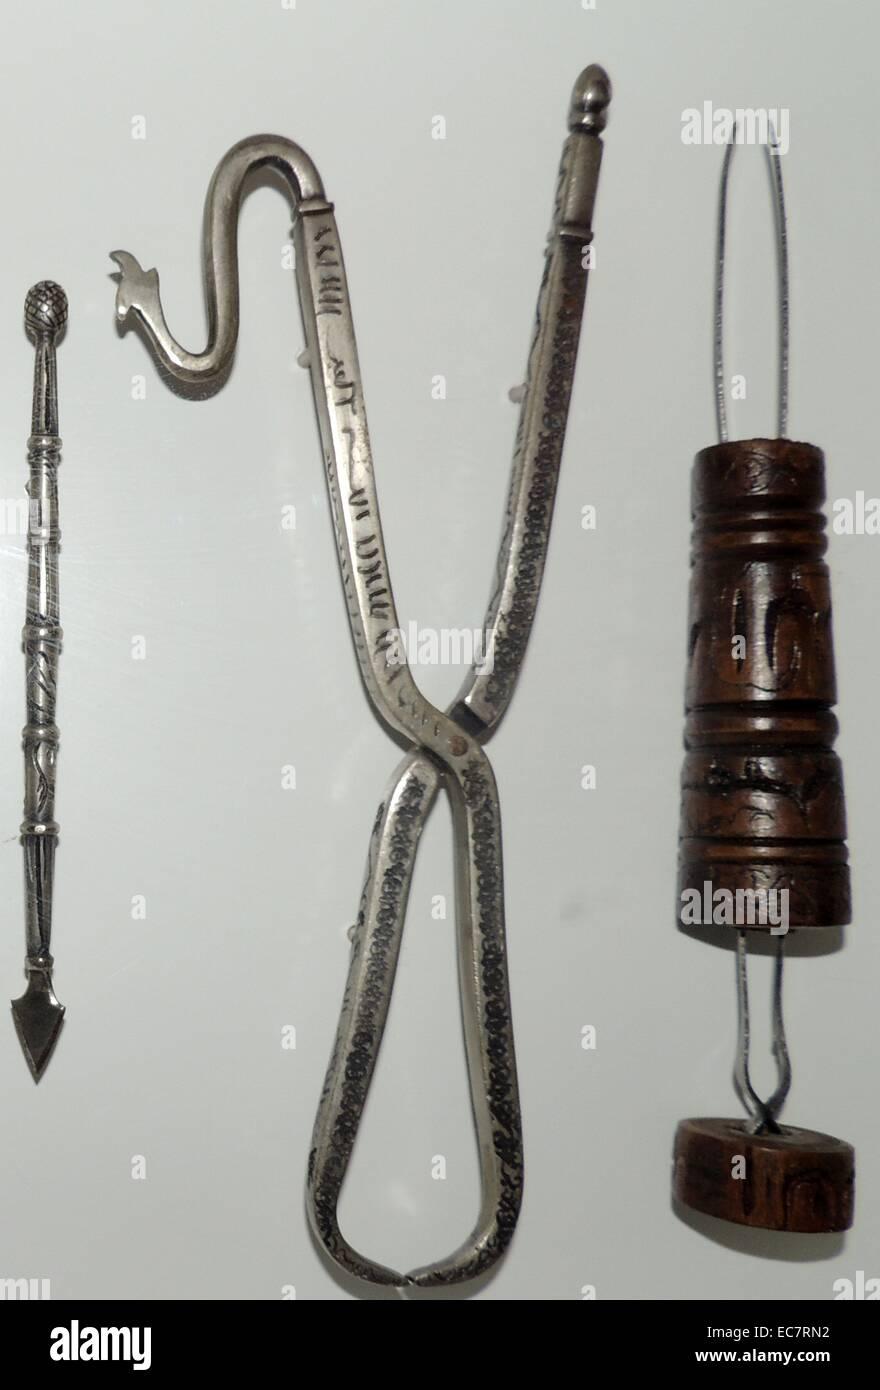 Storico degli strumenti chirurgici Immagini Stock